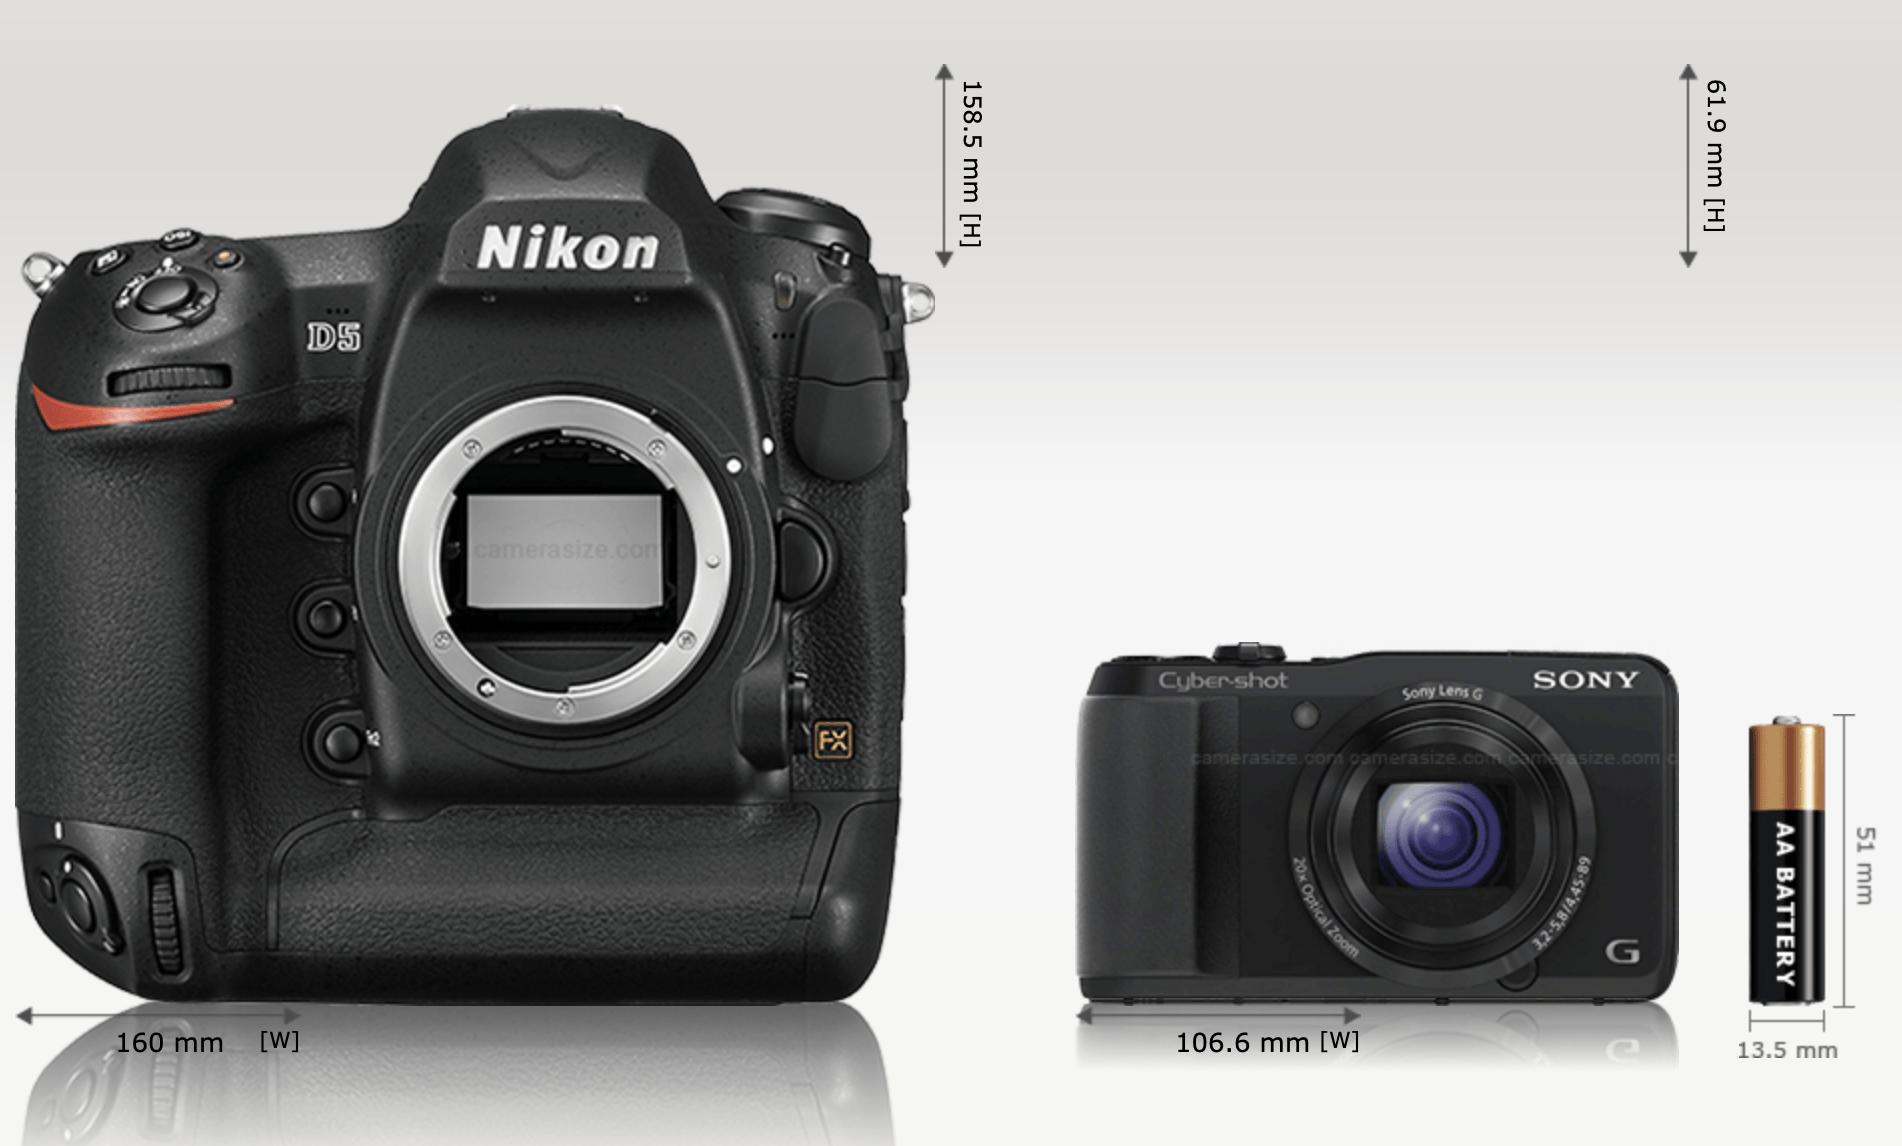 Spiegelreflexkamera Größenvergleich Nikon D5 funktioniert